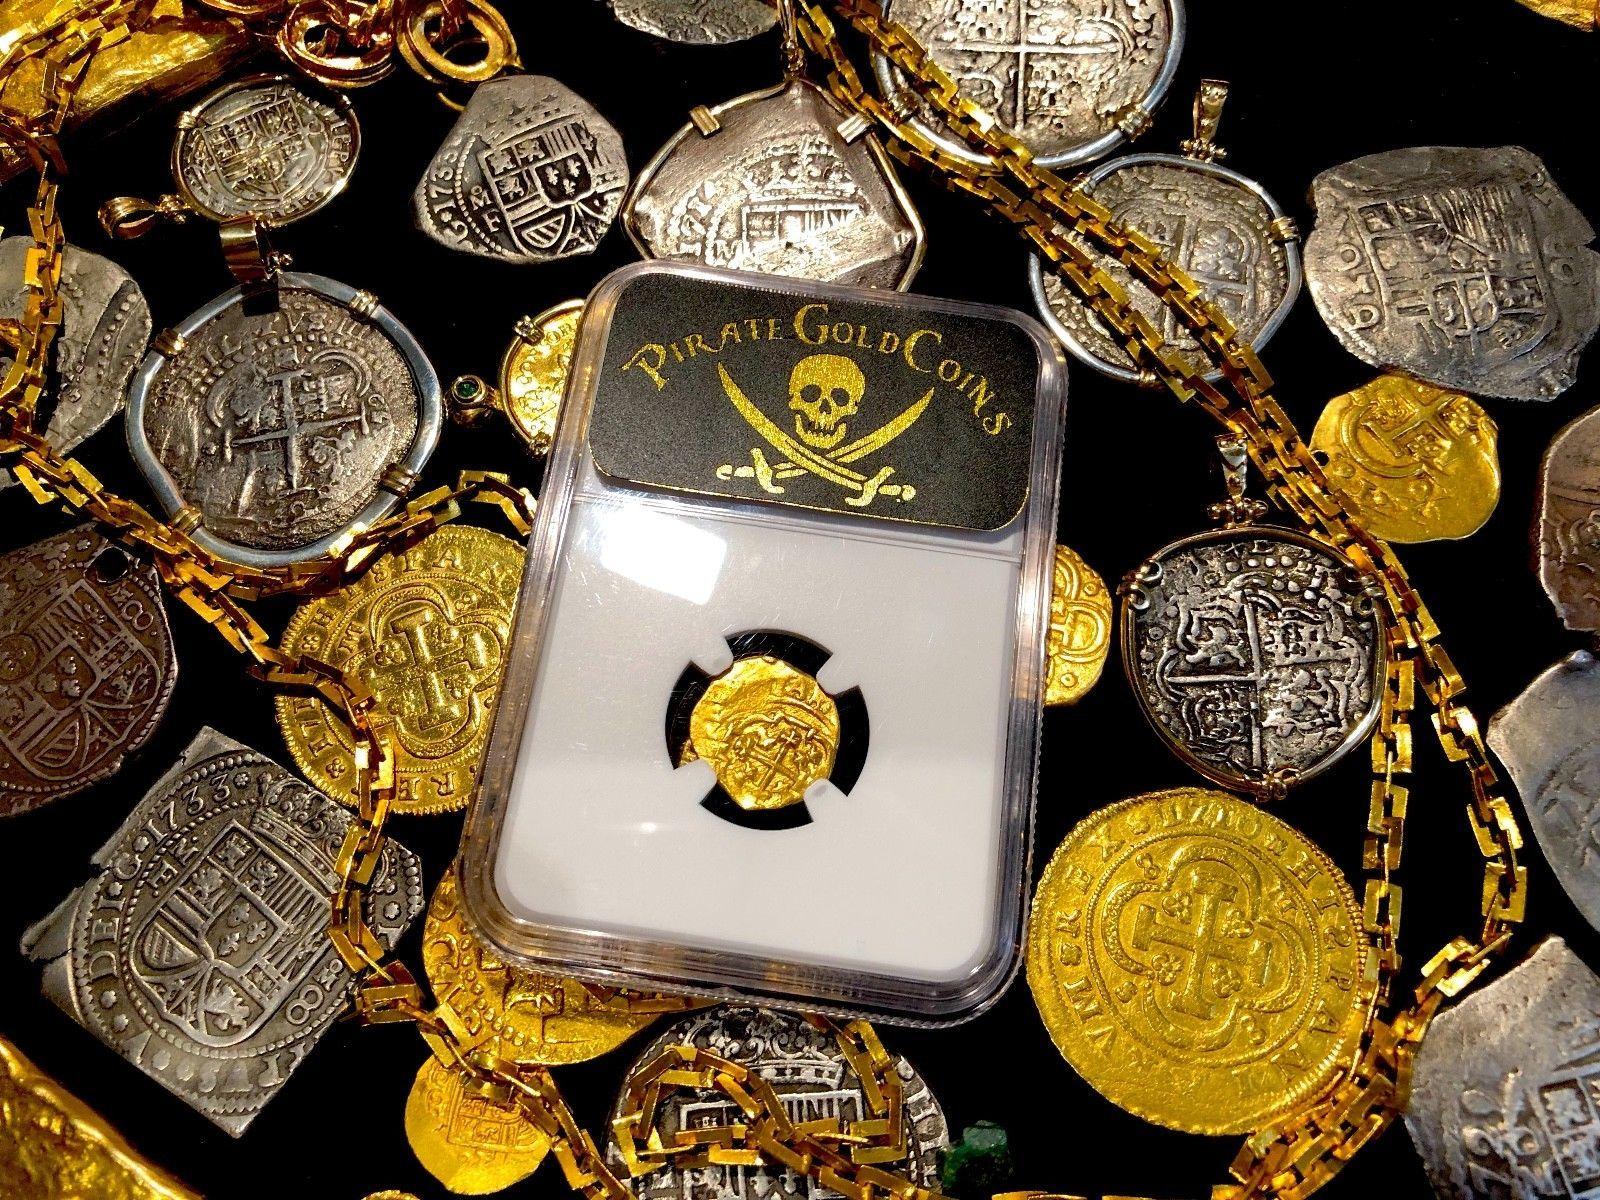 MEXICO 1712-15 FLEET SHIPWRECK 1 ESCUDO PIRATE GOLD COINS TREASURE COB LORAINNE